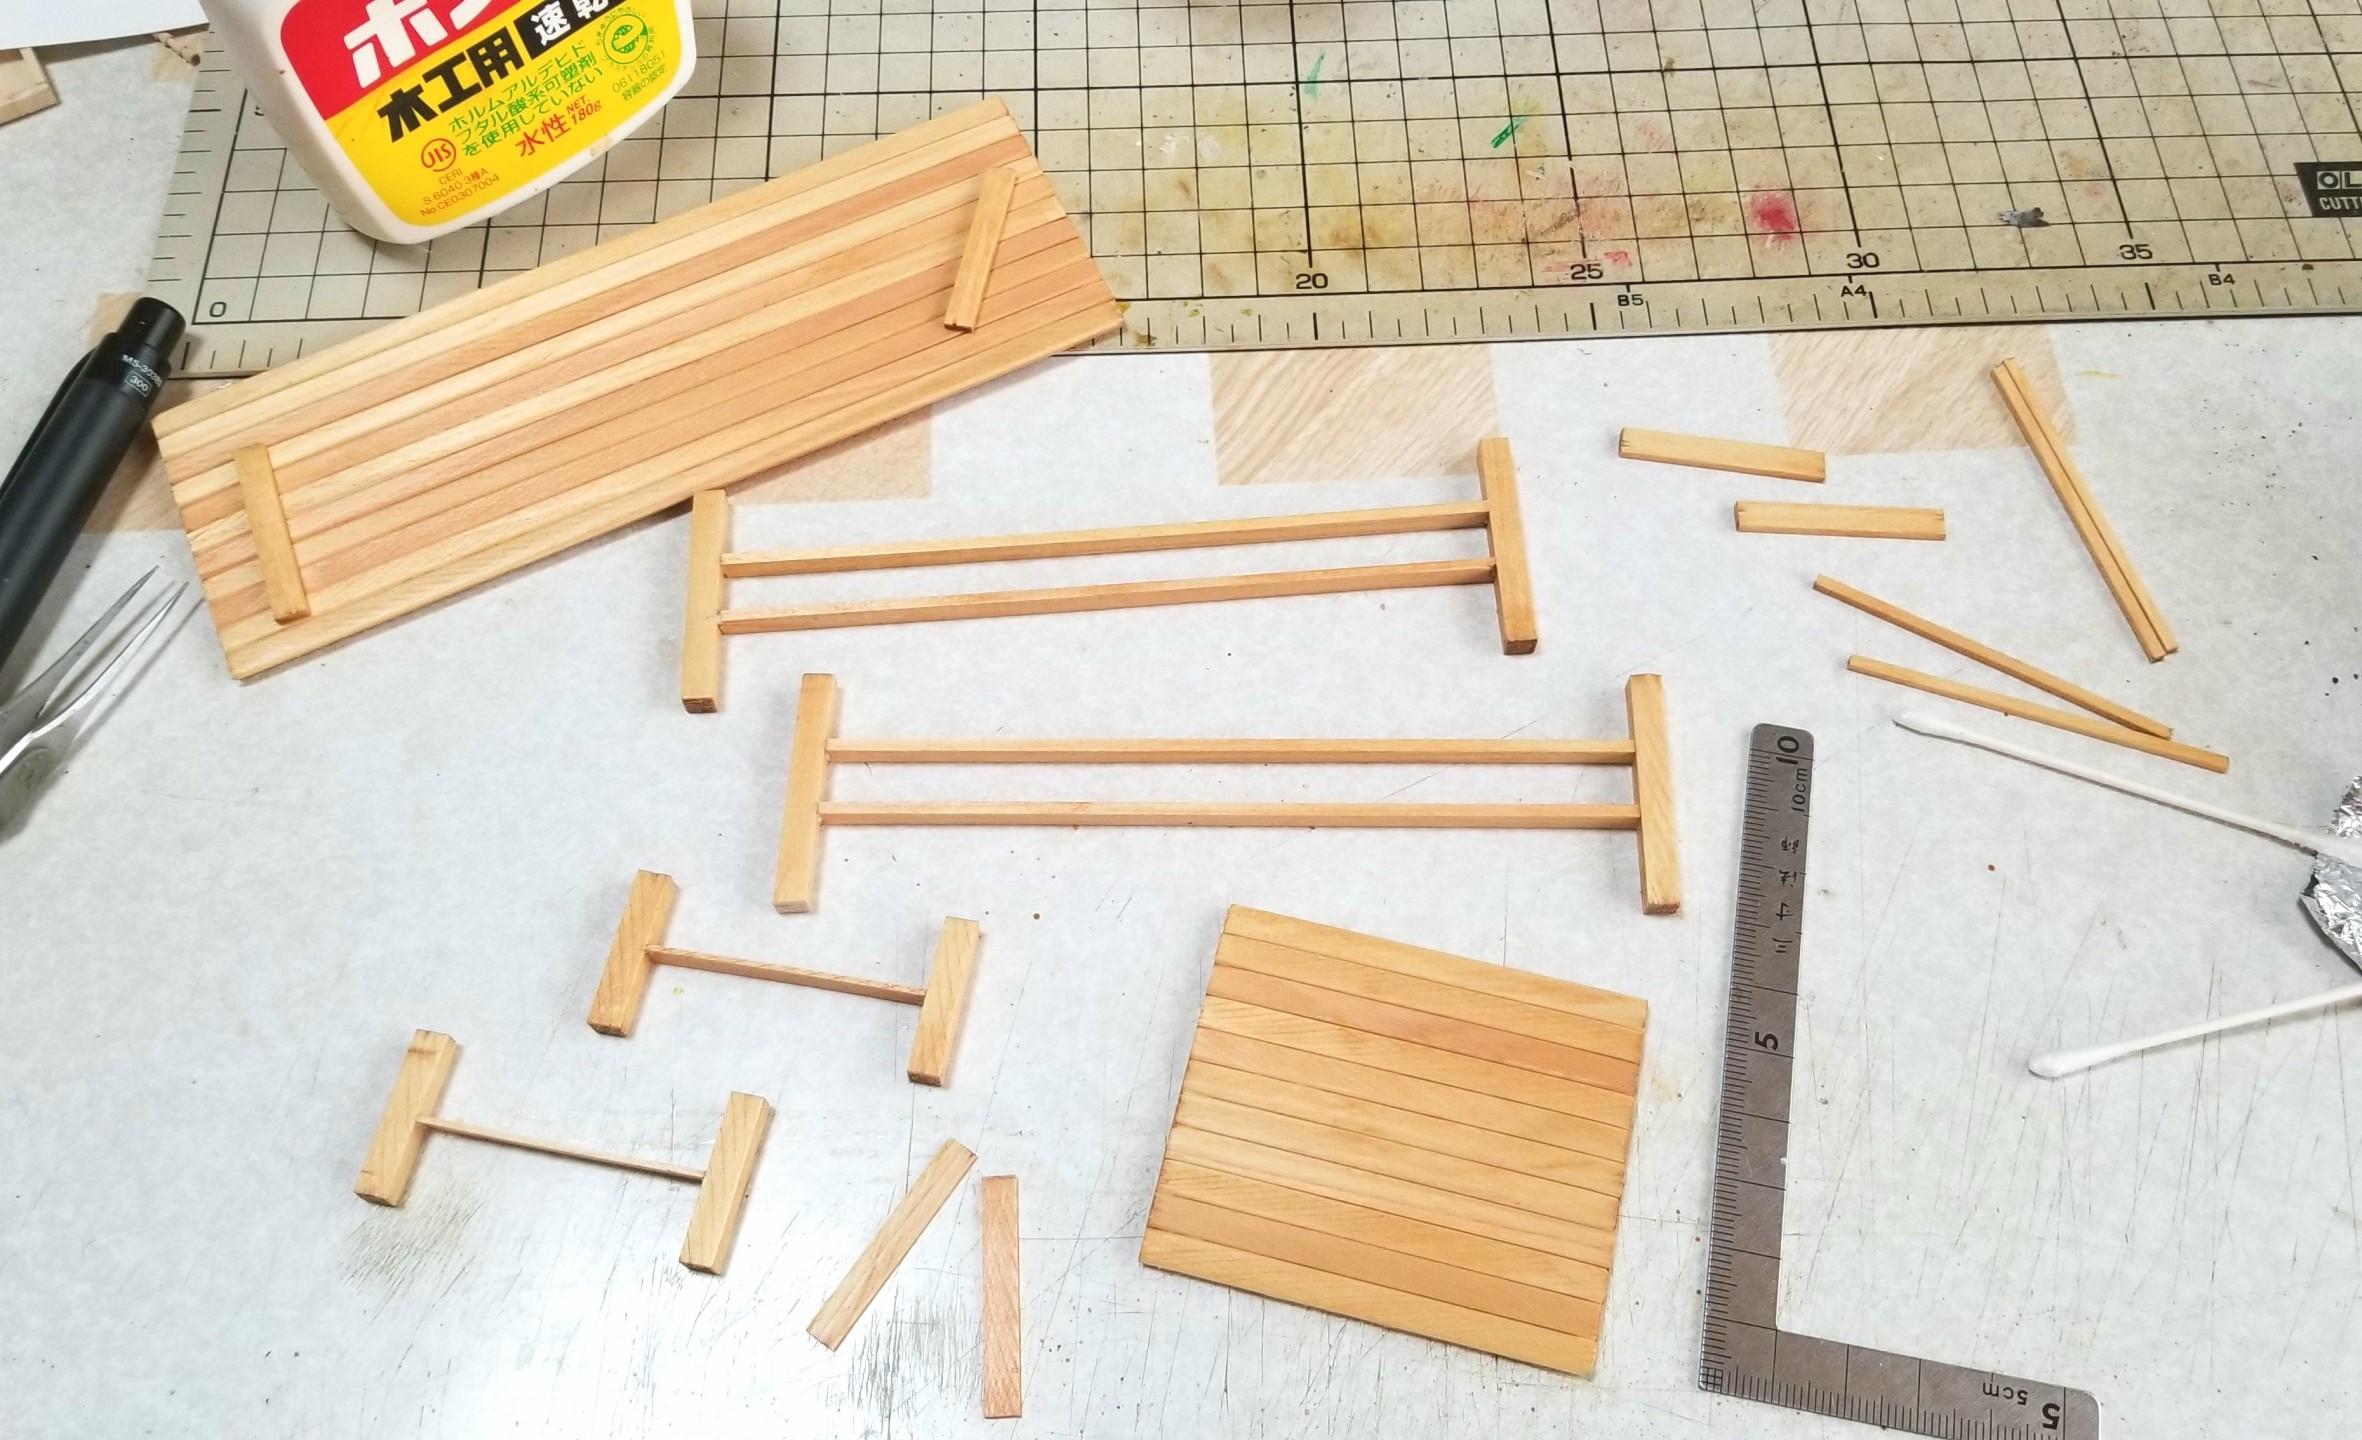 ミニチュア,長椅子,テーブル,和菓子屋,作り方,机,DIY,オイルステイン